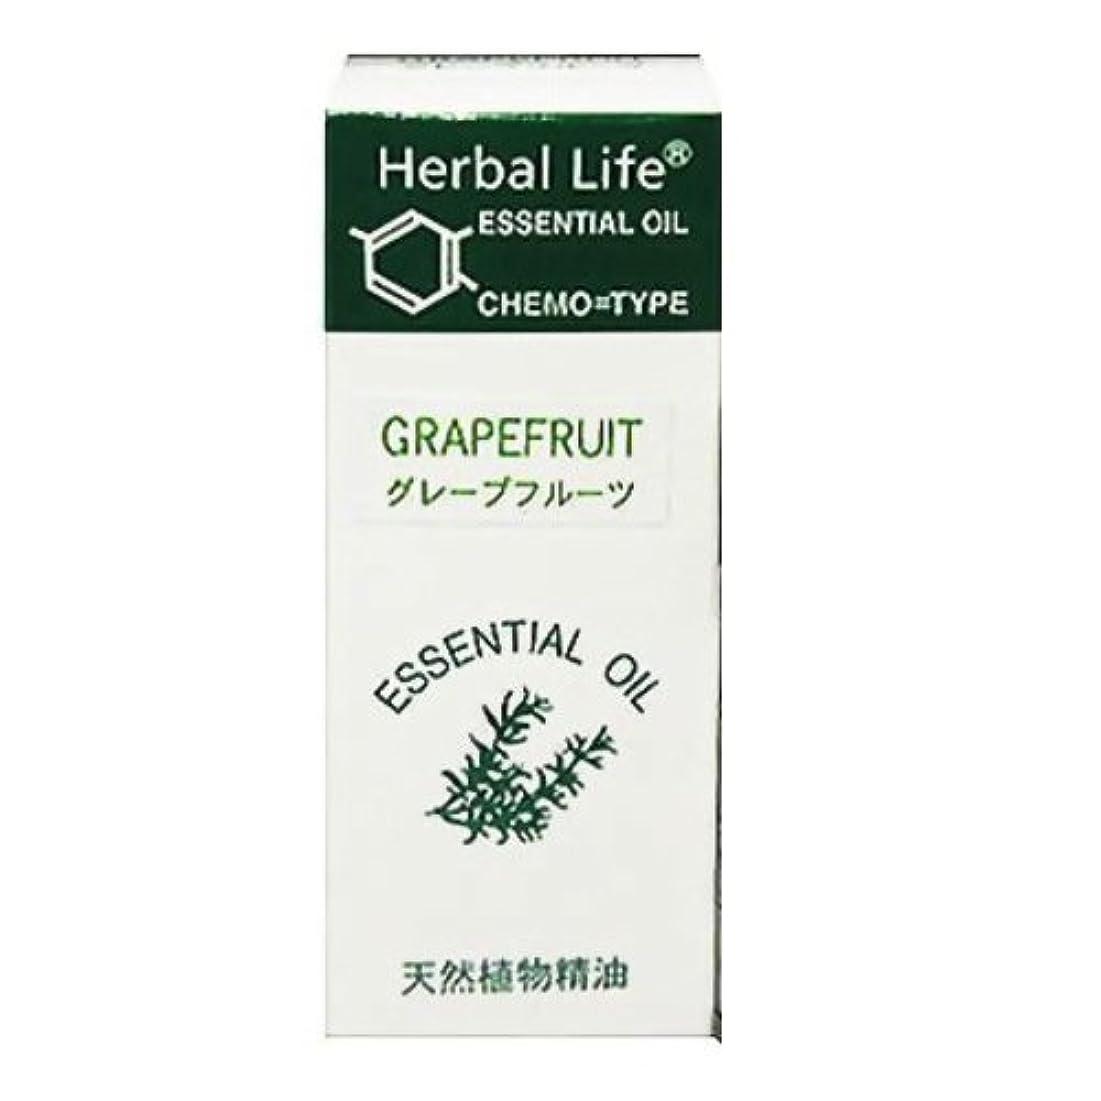 災難サンダー順応性生活の木 エッセンシャルオイル グレープフルーツ 10ml